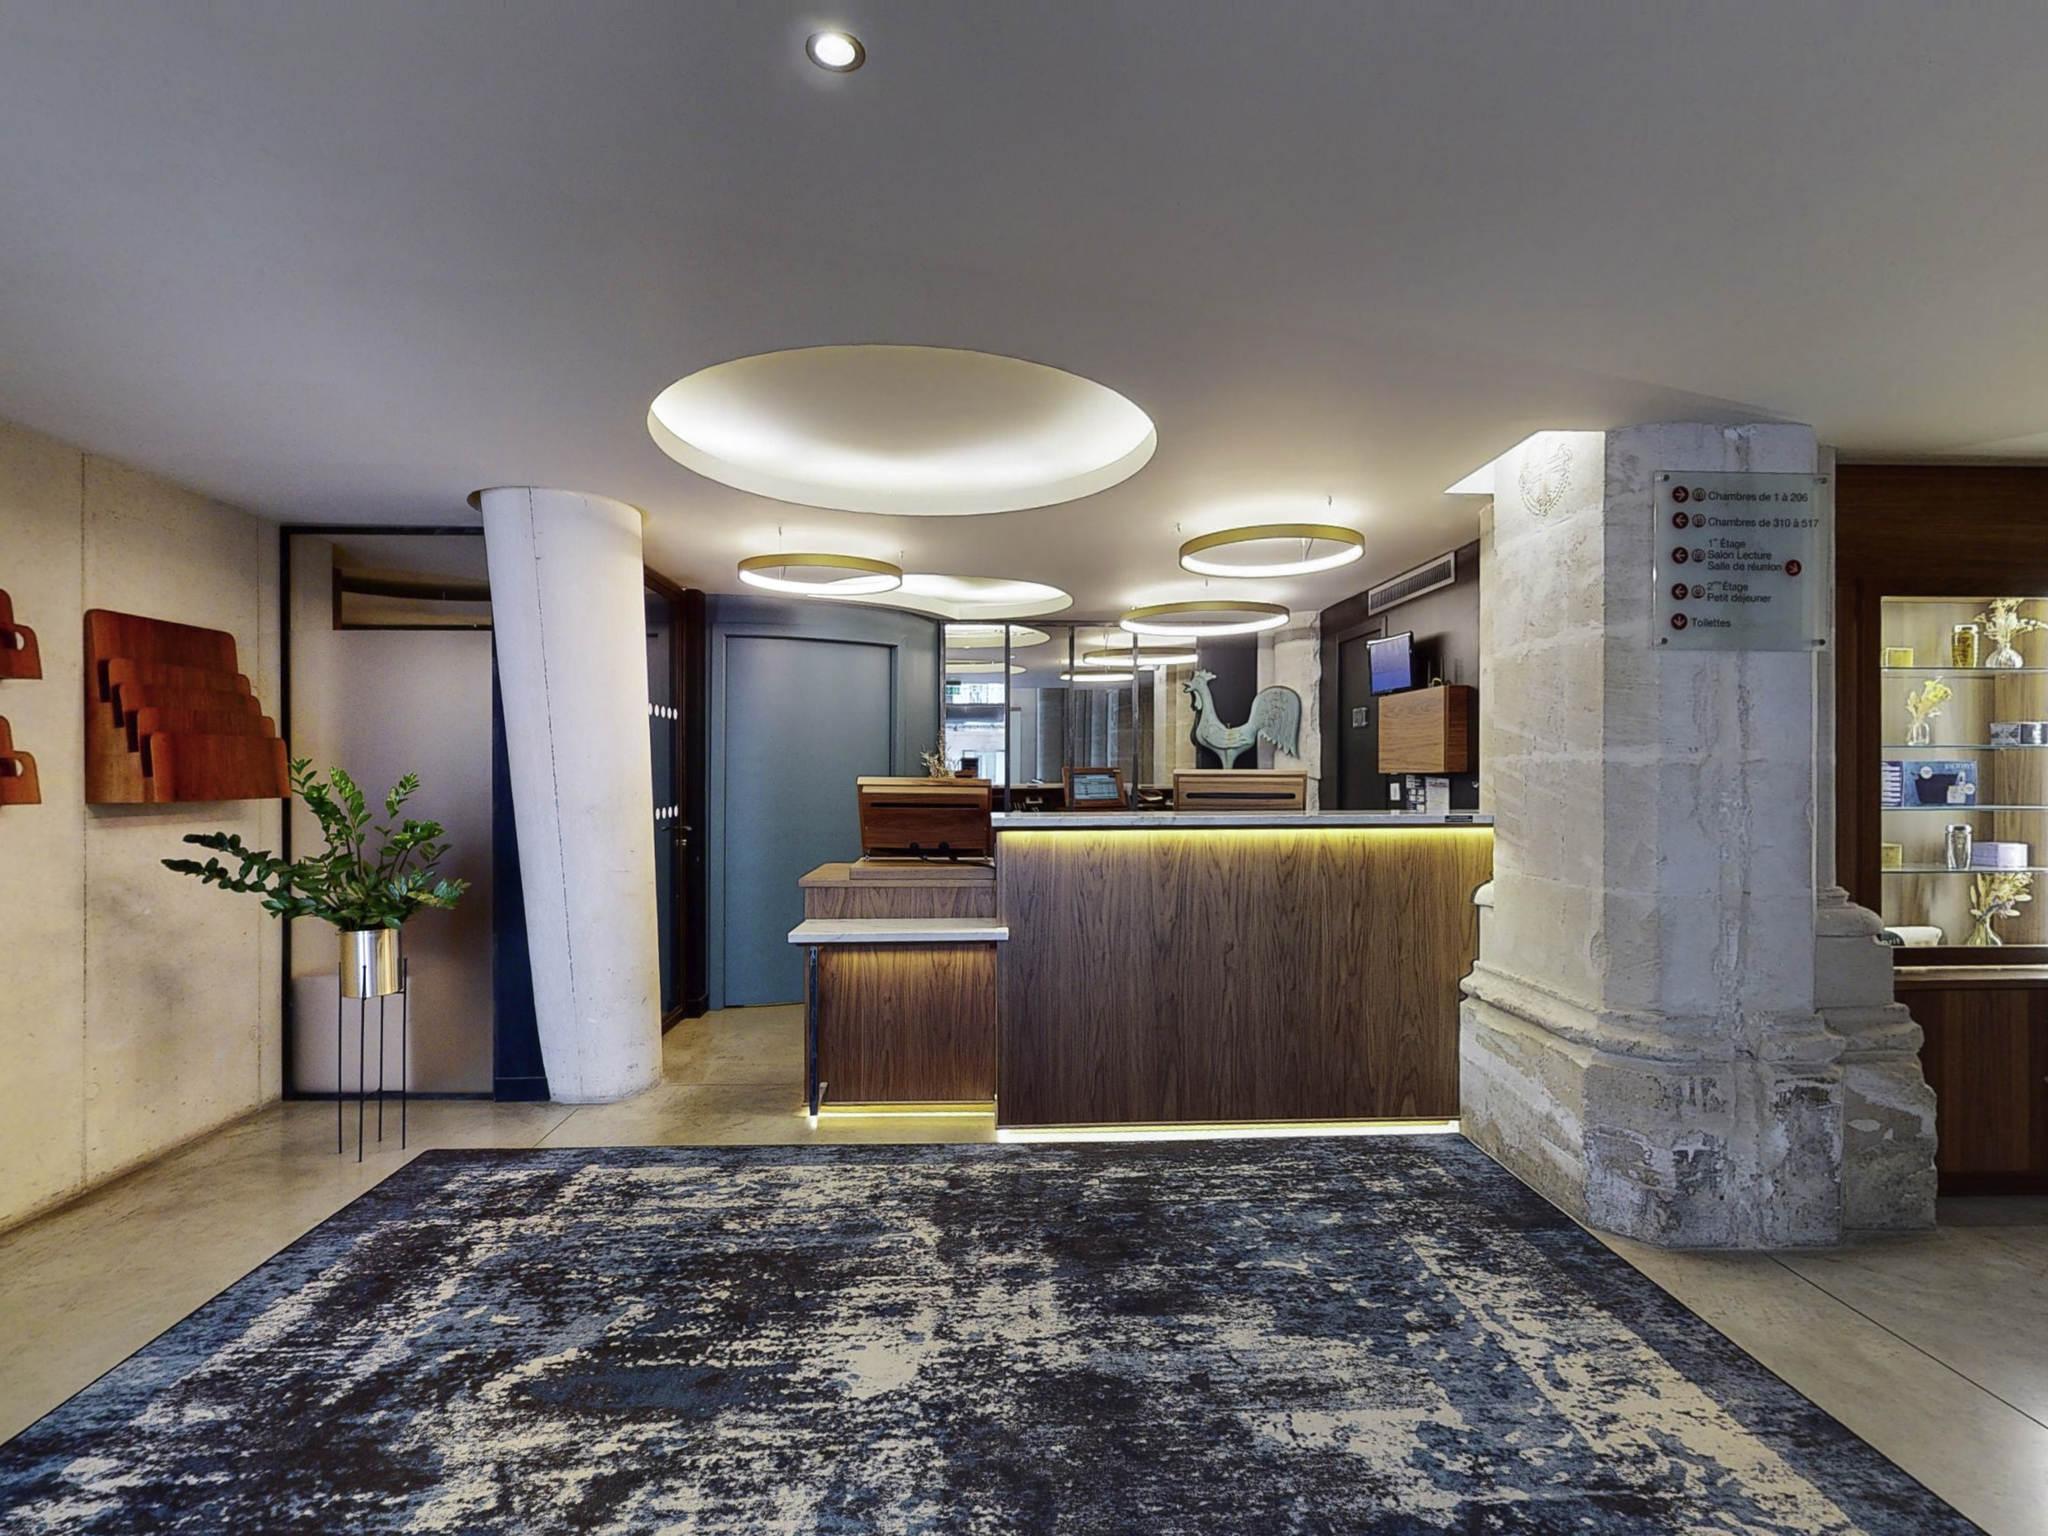 Hotel Ibis Poitier